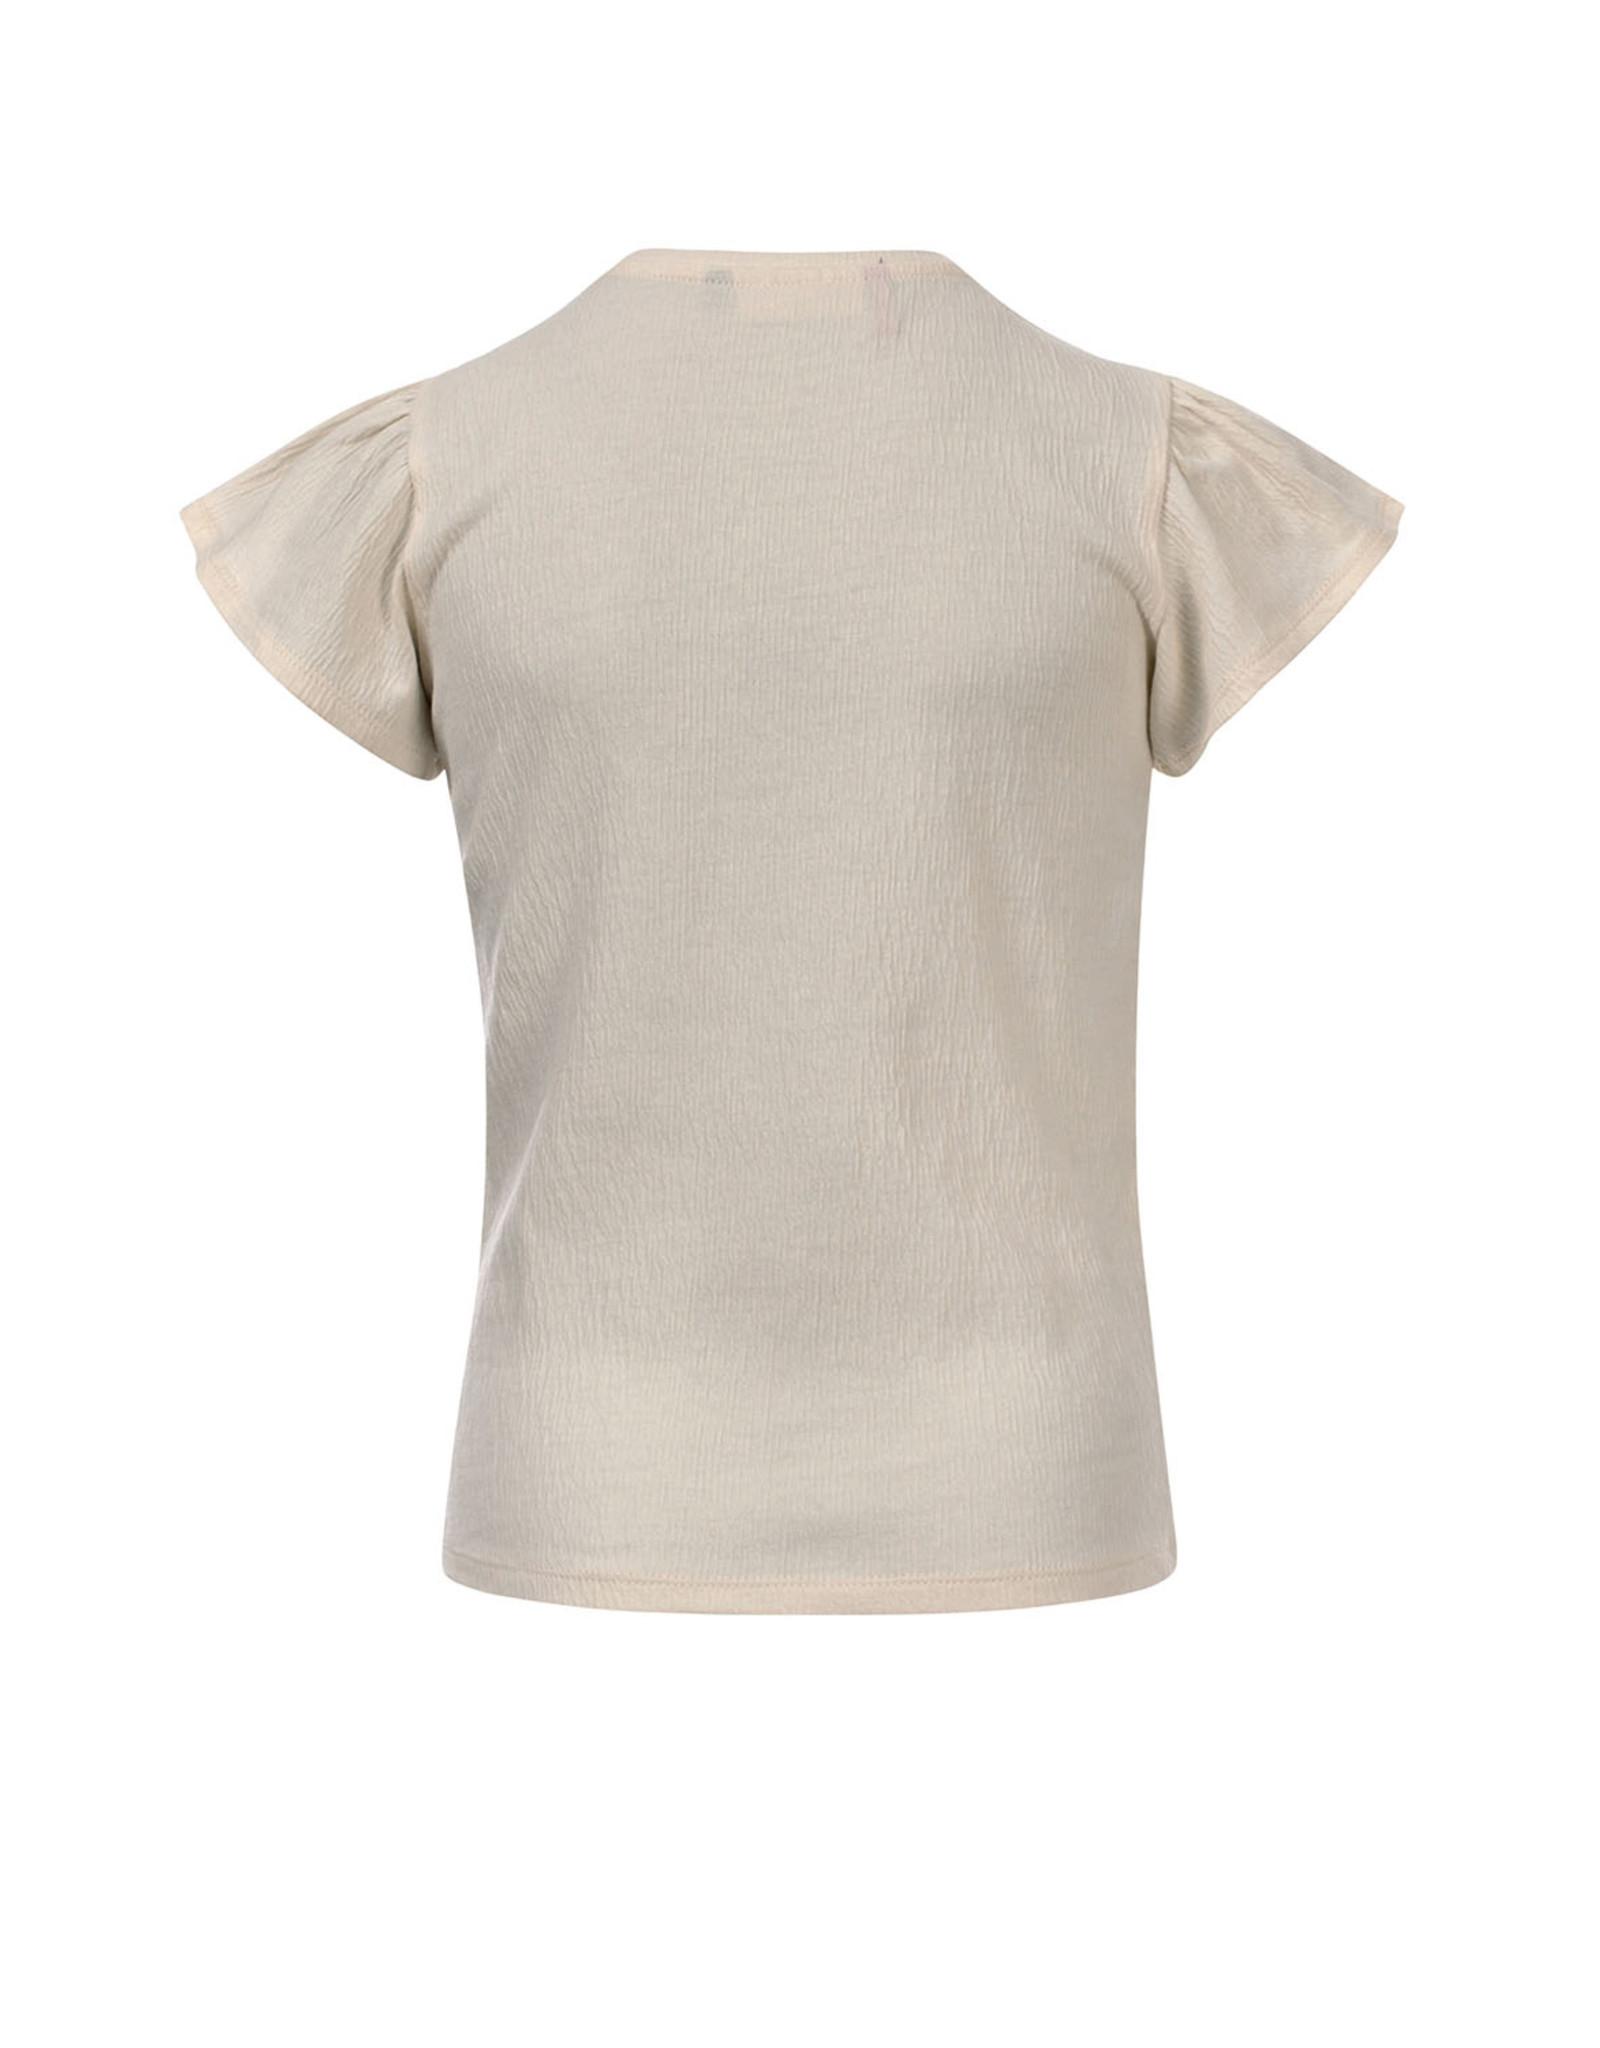 LOOXS Little Litle t-shirt, MILK